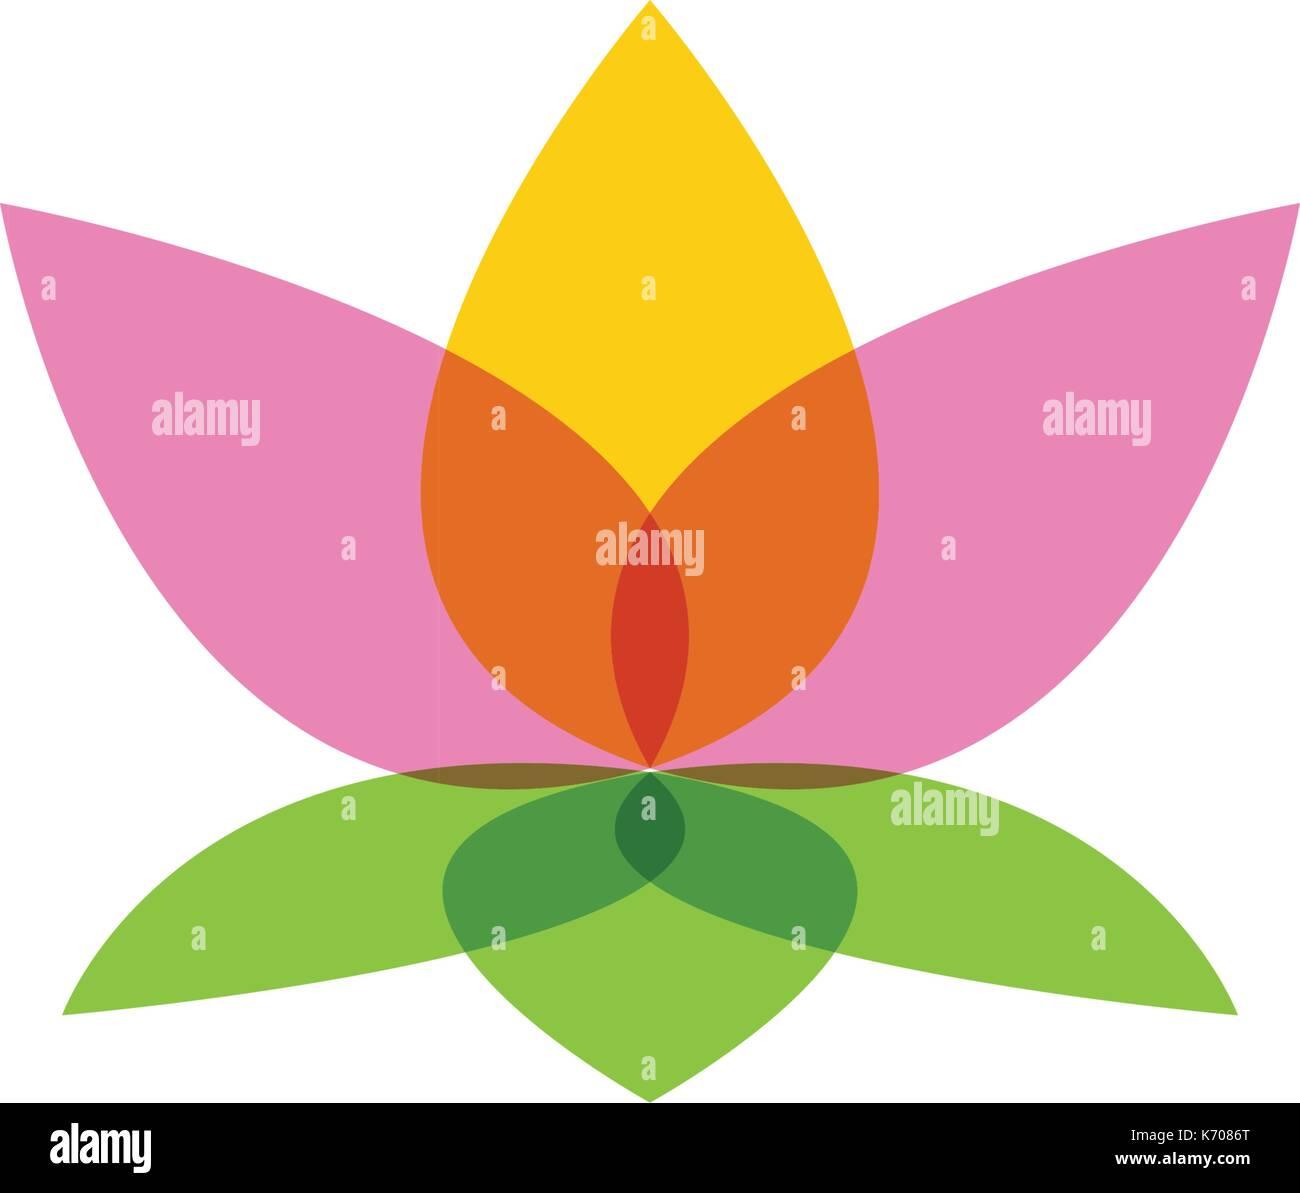 Vector Logo Template Lotus Flower Stock Photos Amp Vector